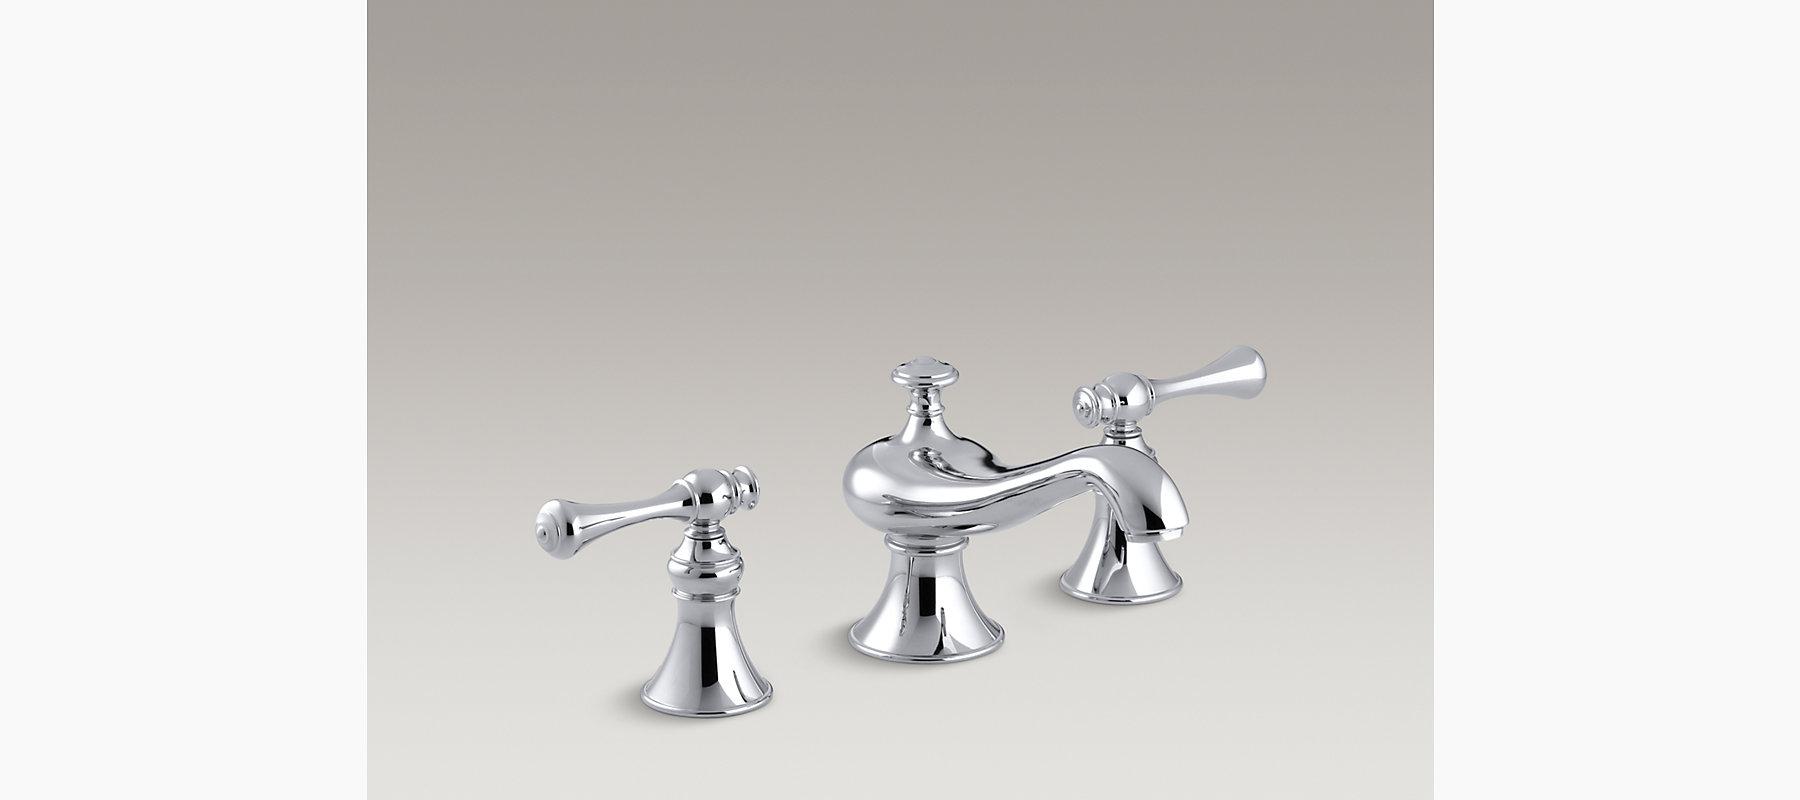 Kohler Revival Kitchen Faucet Revival Widespread Bathroom Sink Faucet K R16102 4a Kohler